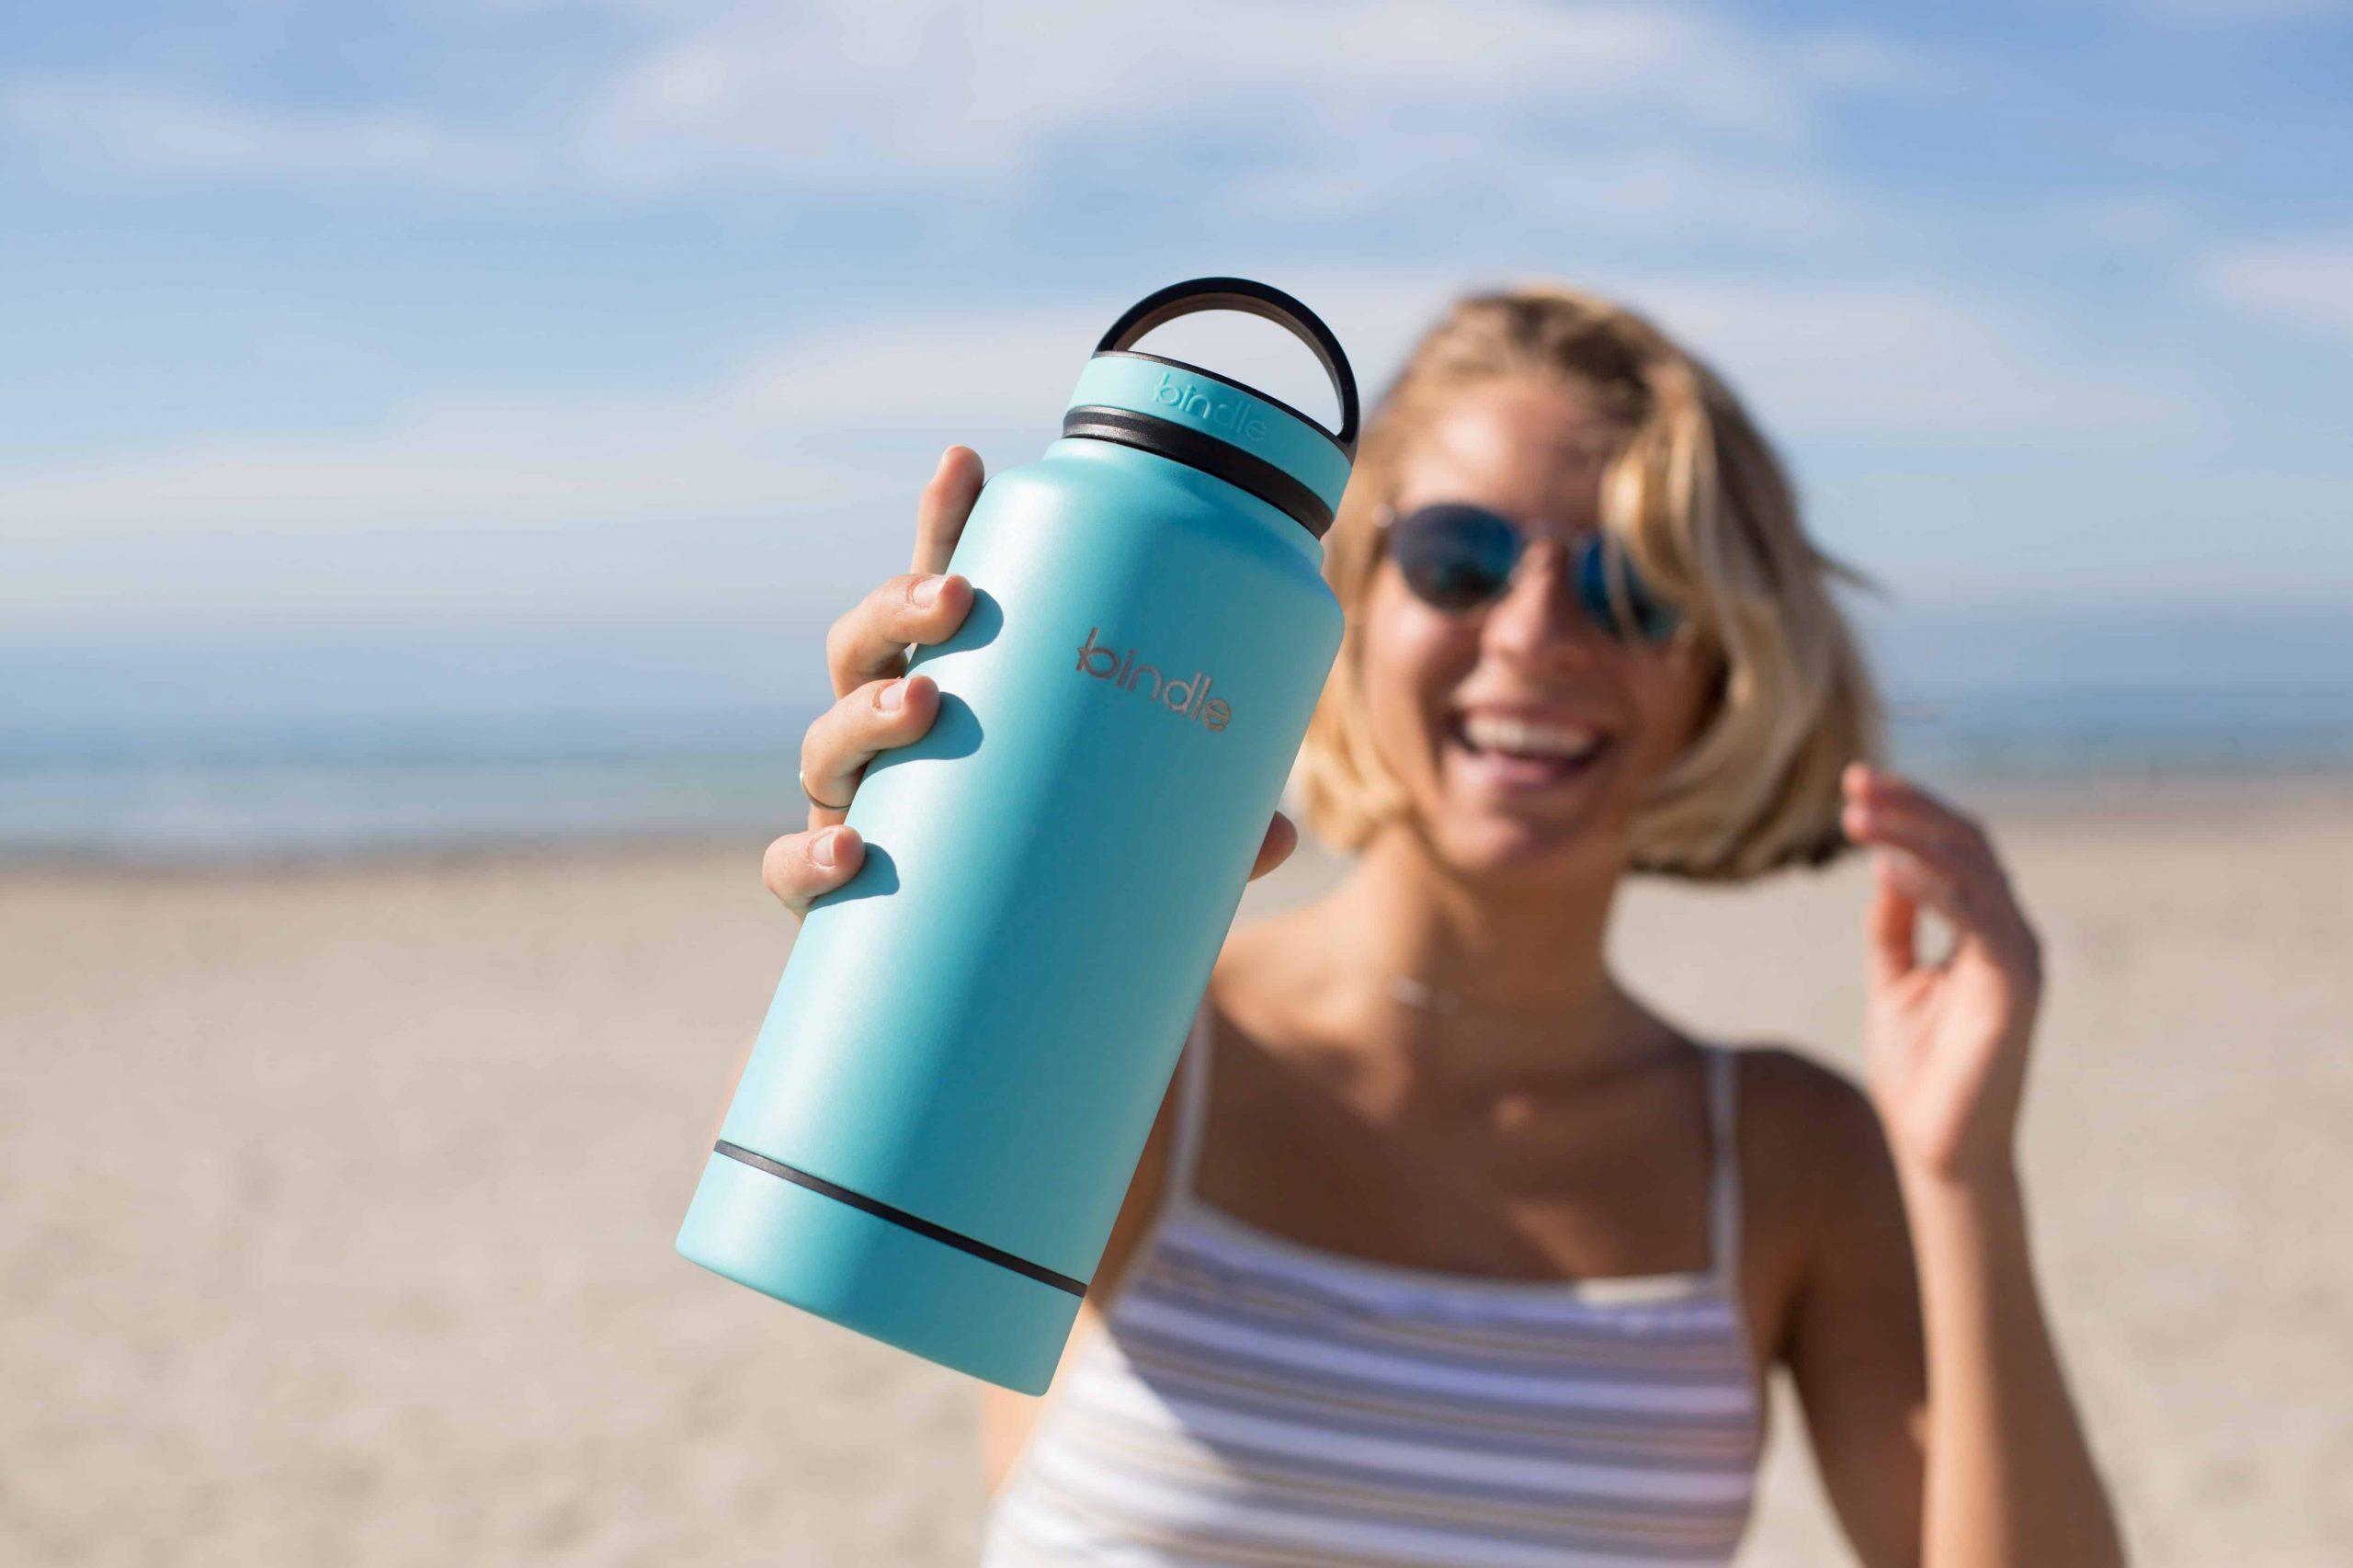 Edelstahl Trinkflasche: Test & Empfehlungen (11/20)